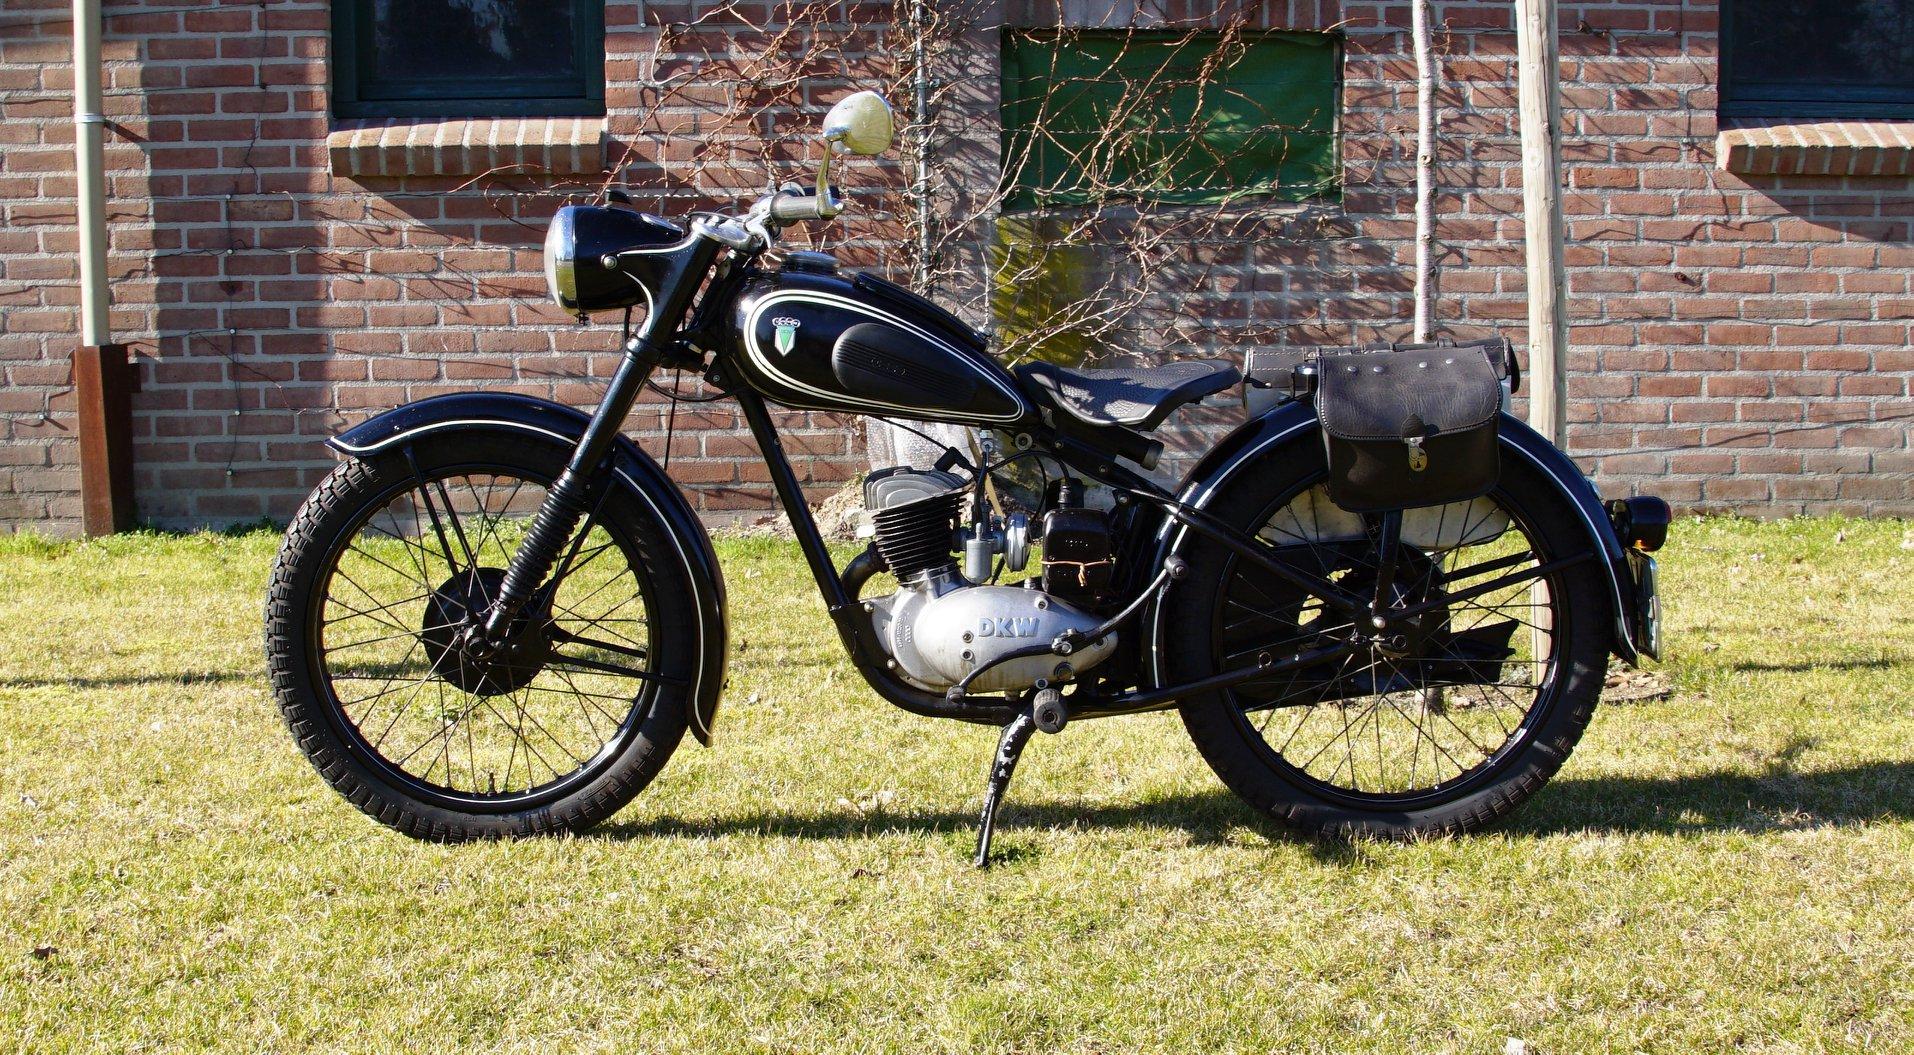 DKW-RT-125-2-1953--1